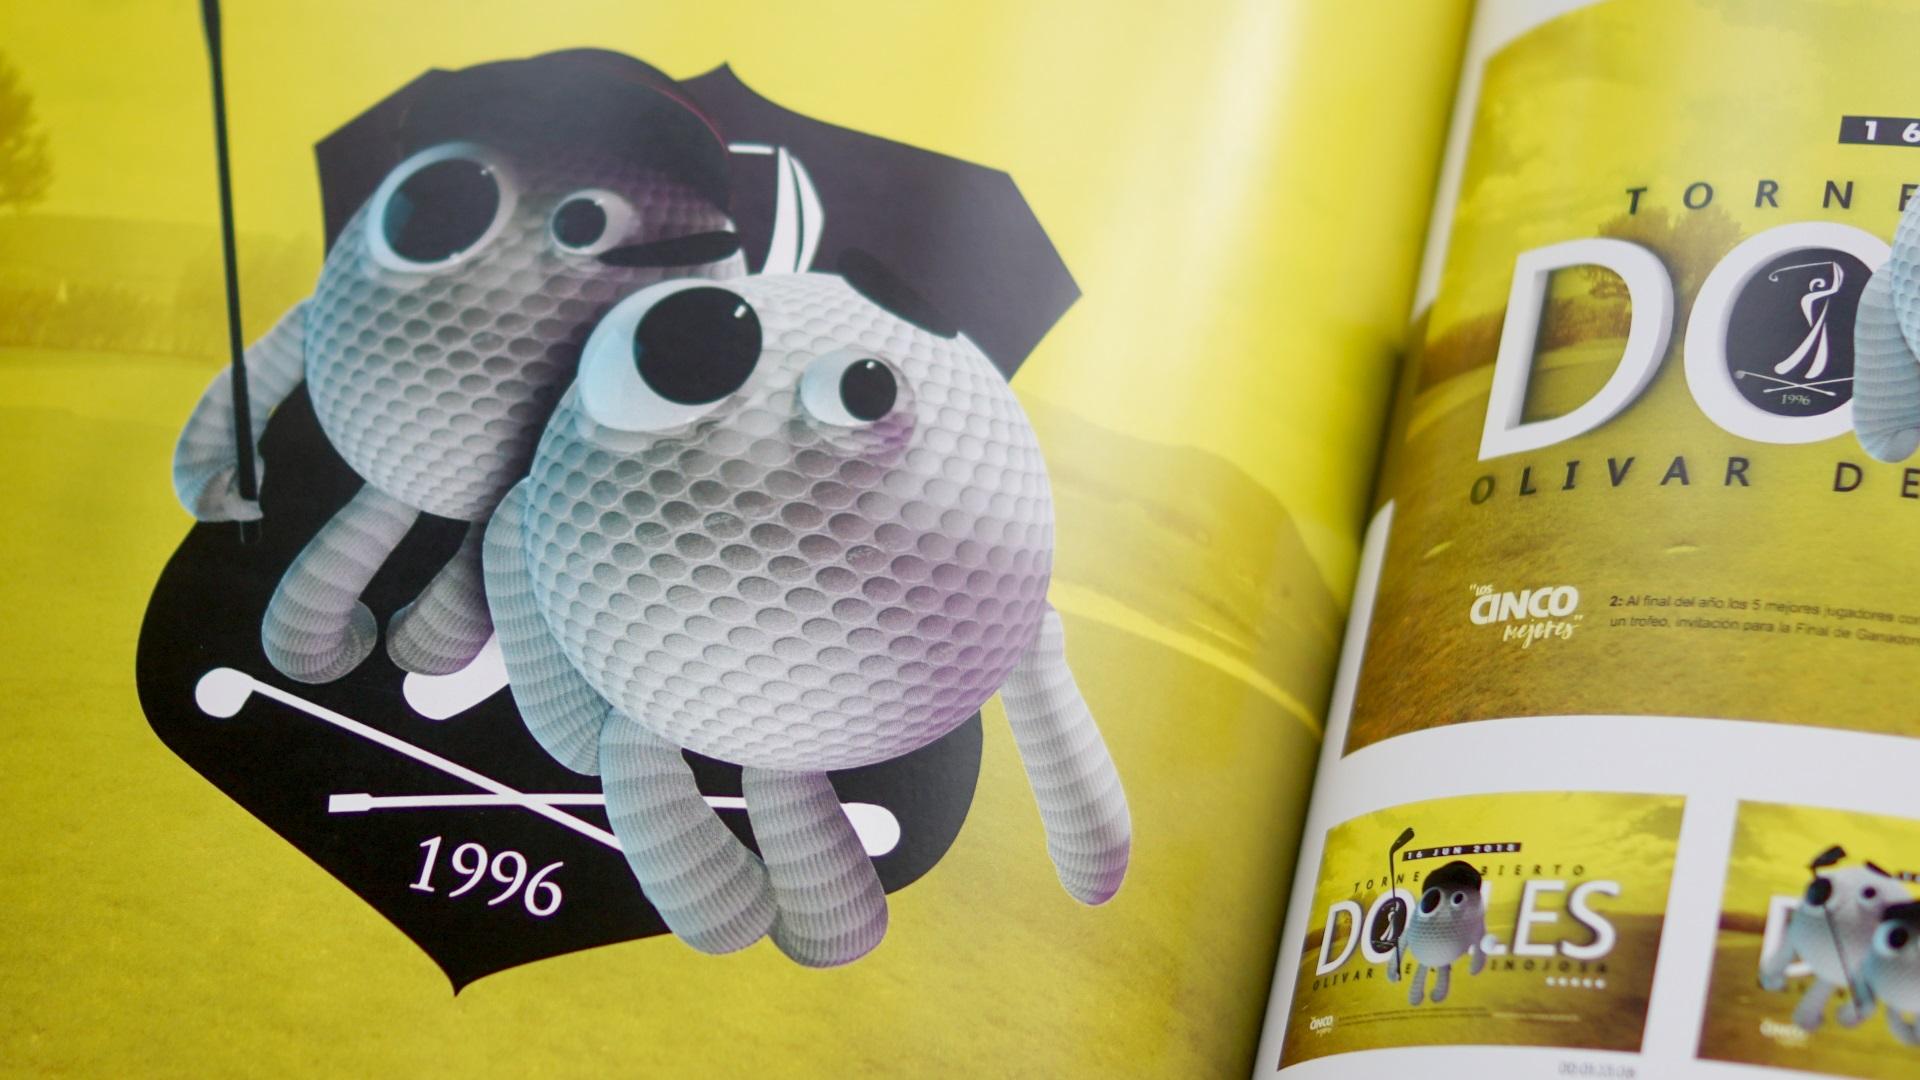 Roberto Cavalli Book Encin Joaquin Molpeceres golf Perfect Pixel Publicidad